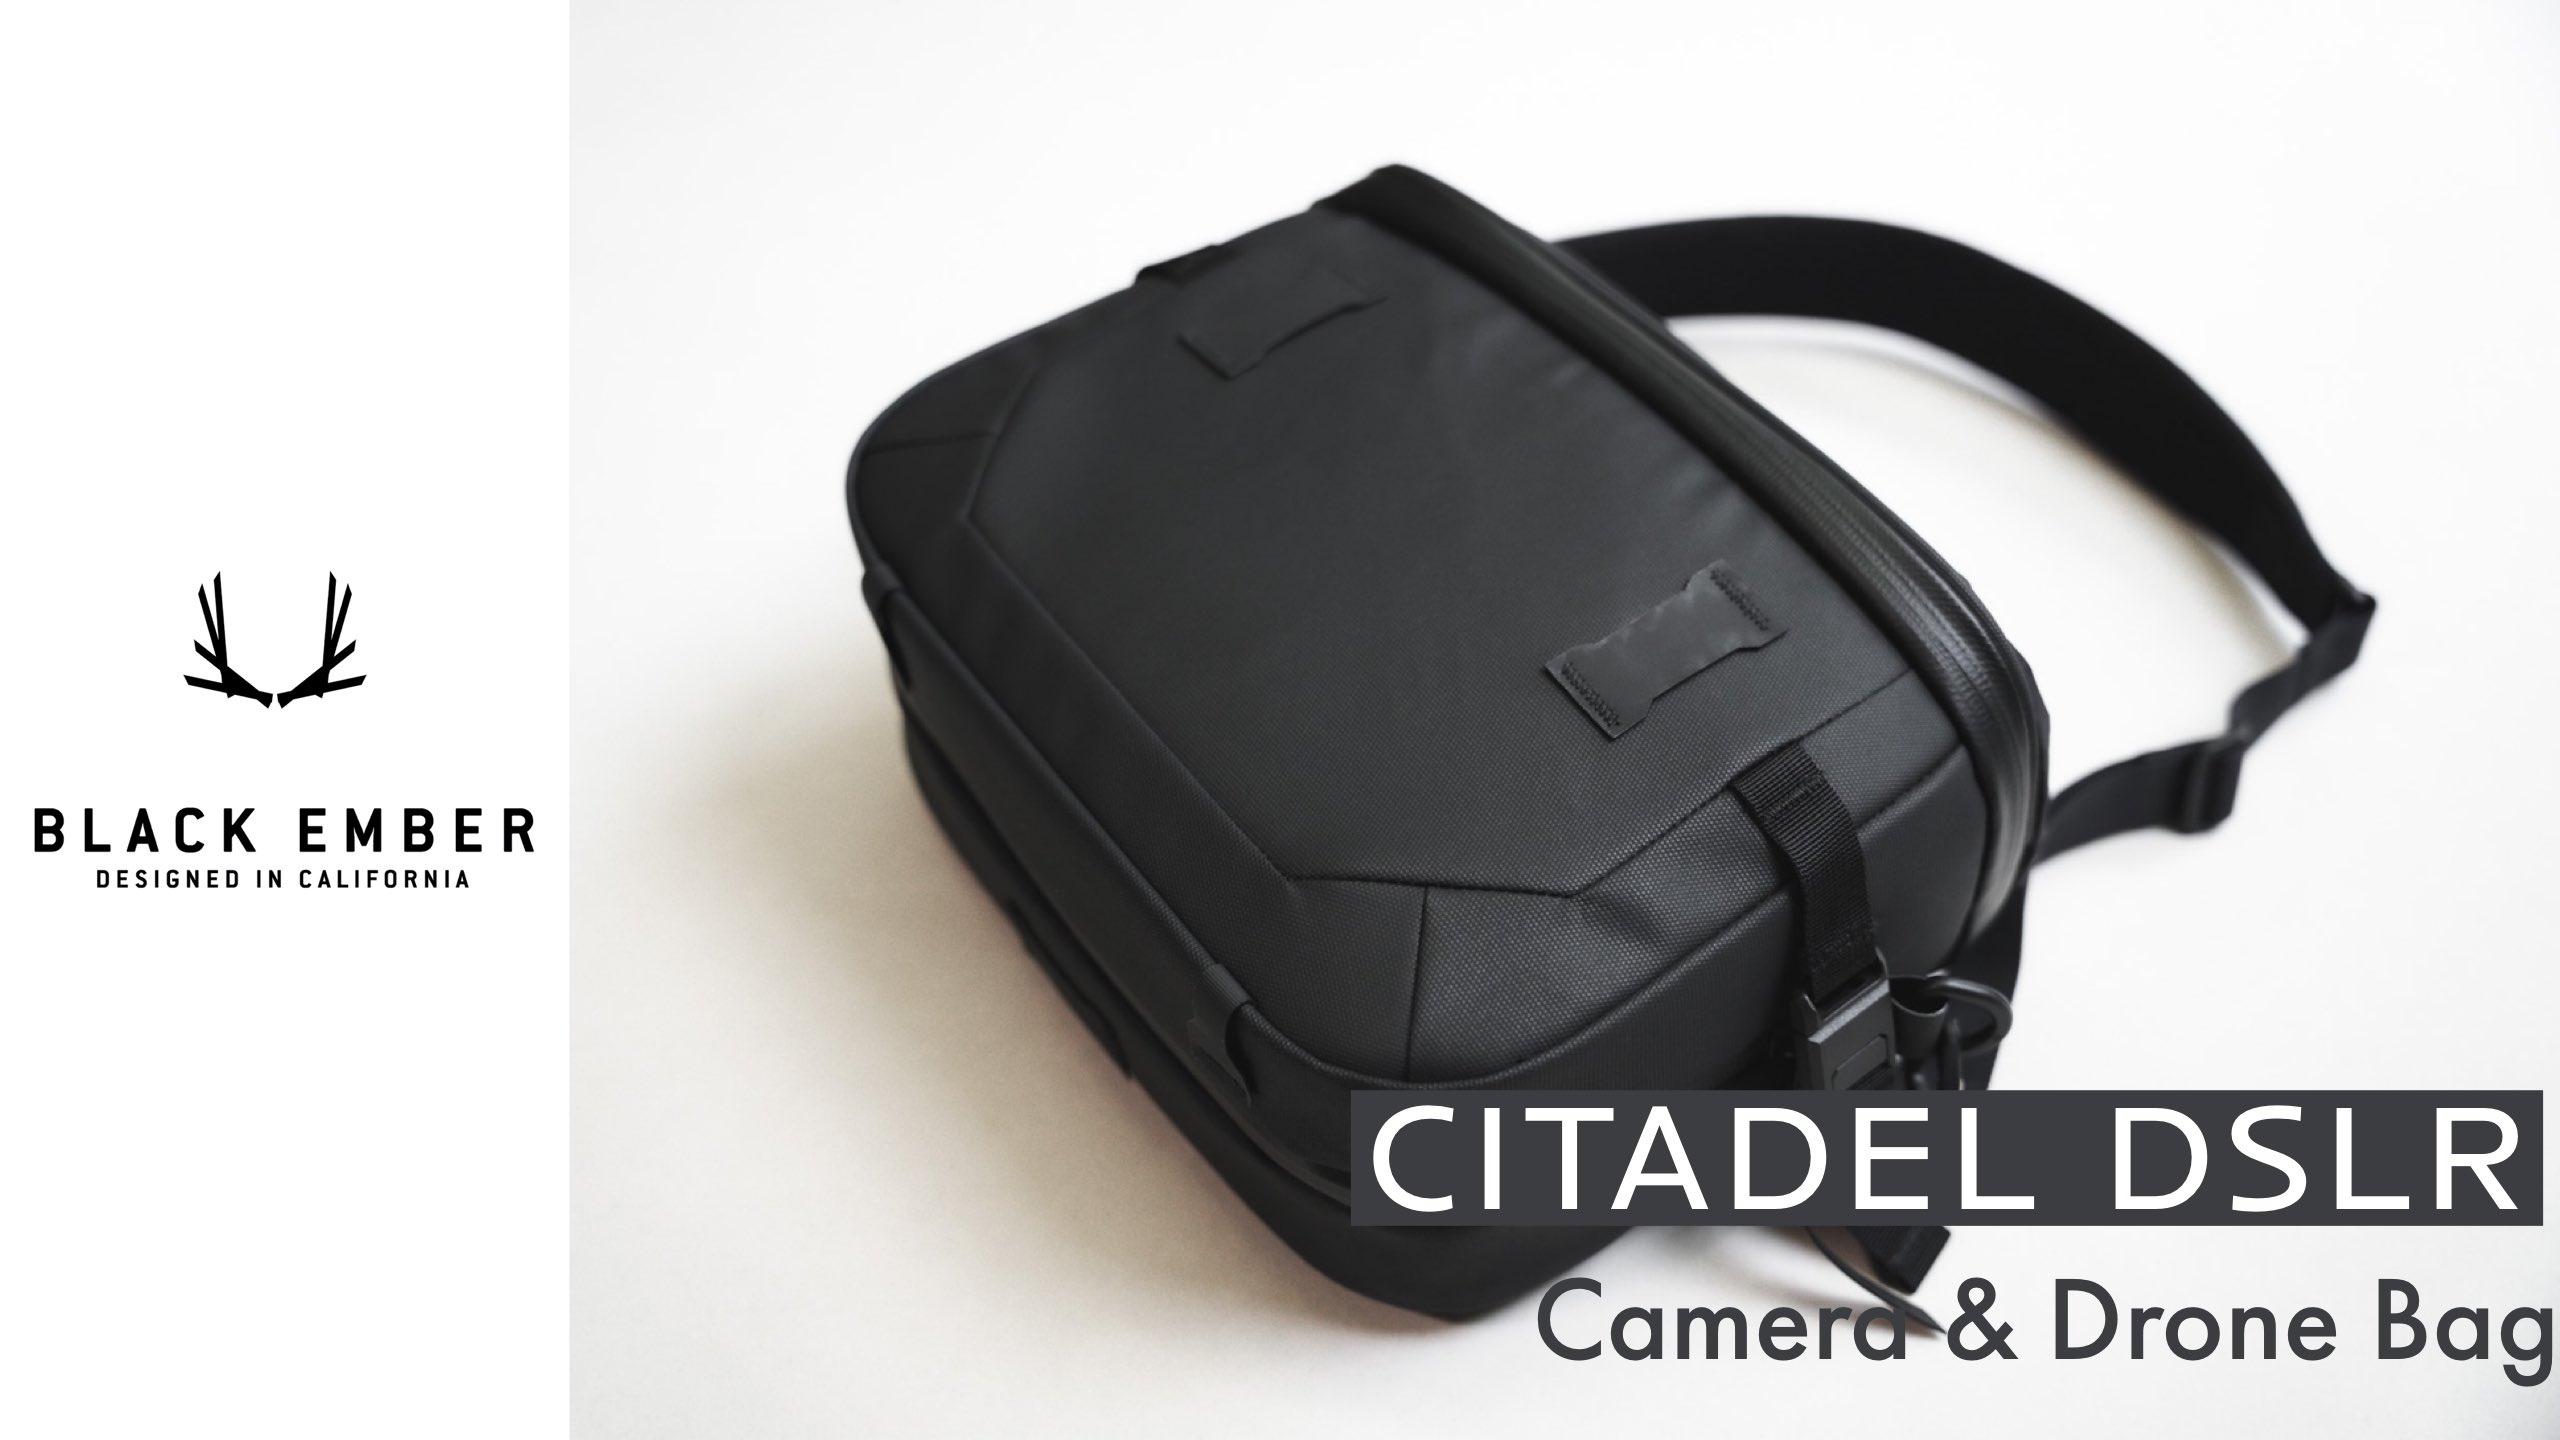 【レビュー】ブラックエンバー CITADEL DSLRで愛機をスマートに持ち運ぶ【カメラ・ドローンバッグ】